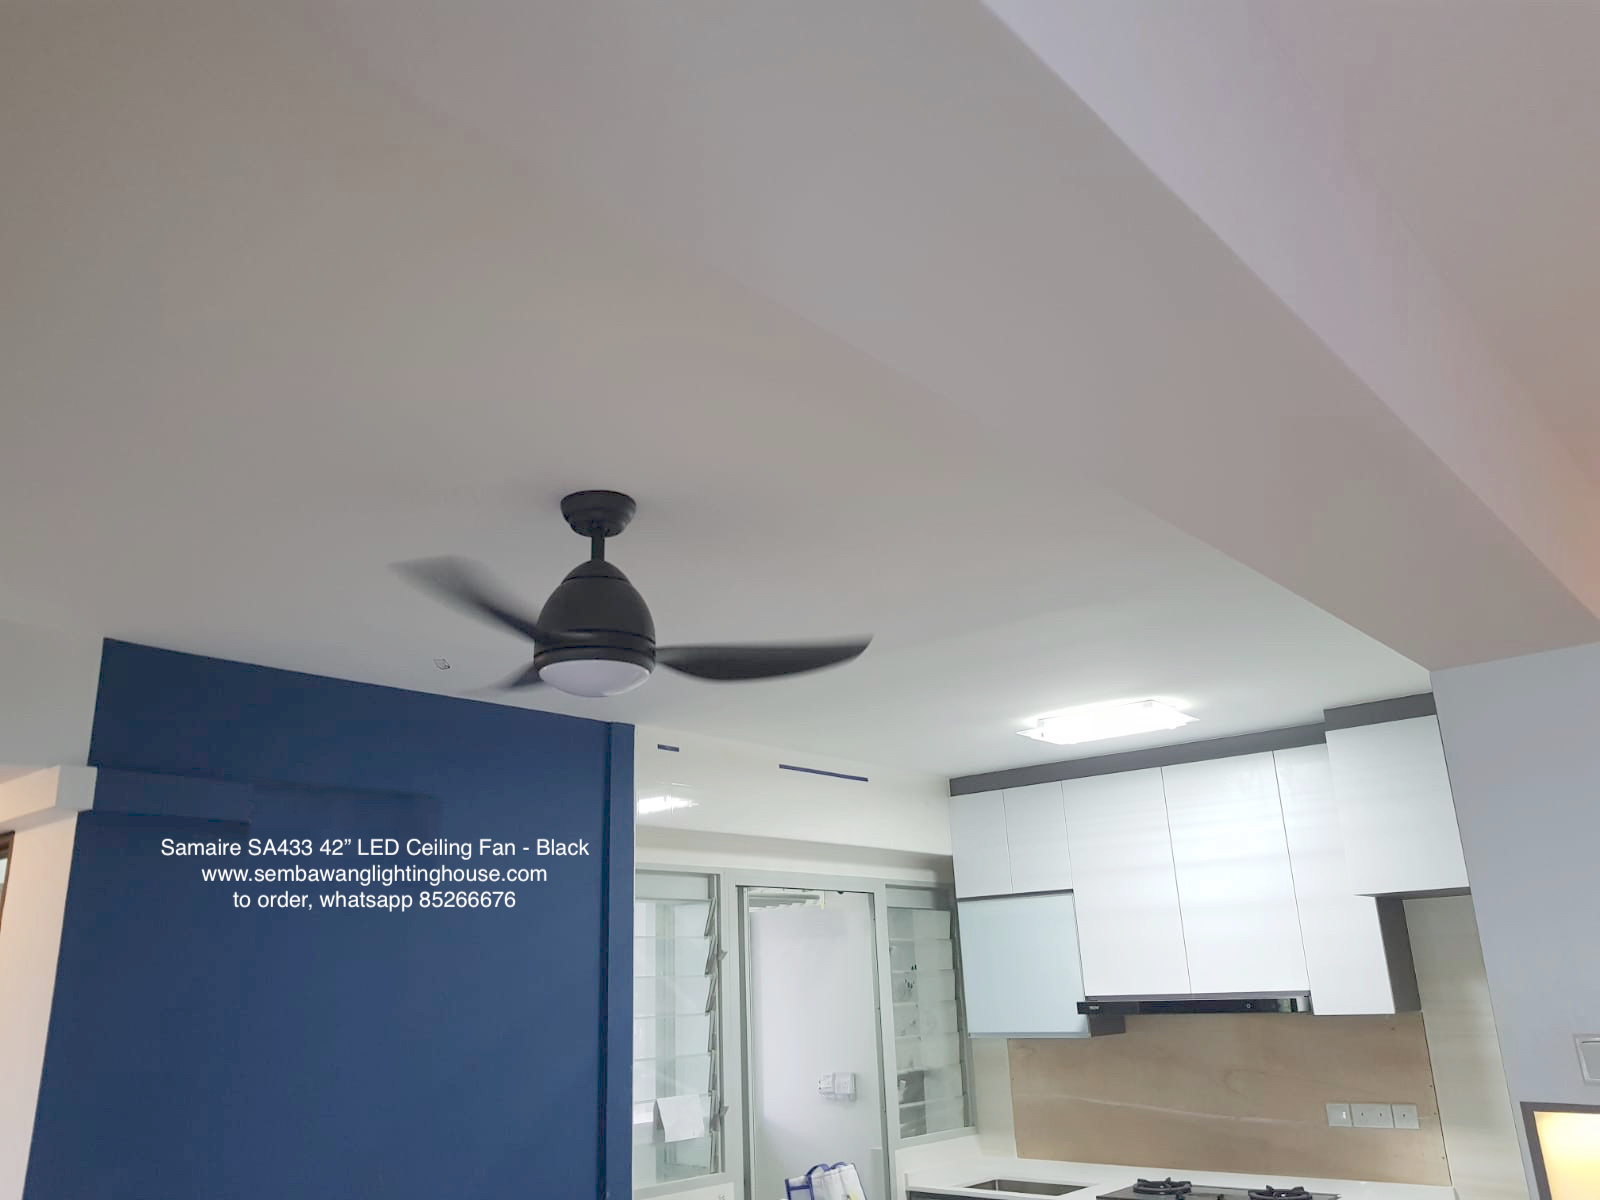 sample03-samaire-sa433-led-ceiling-fan-black-sembawang-lighting-house.jpg